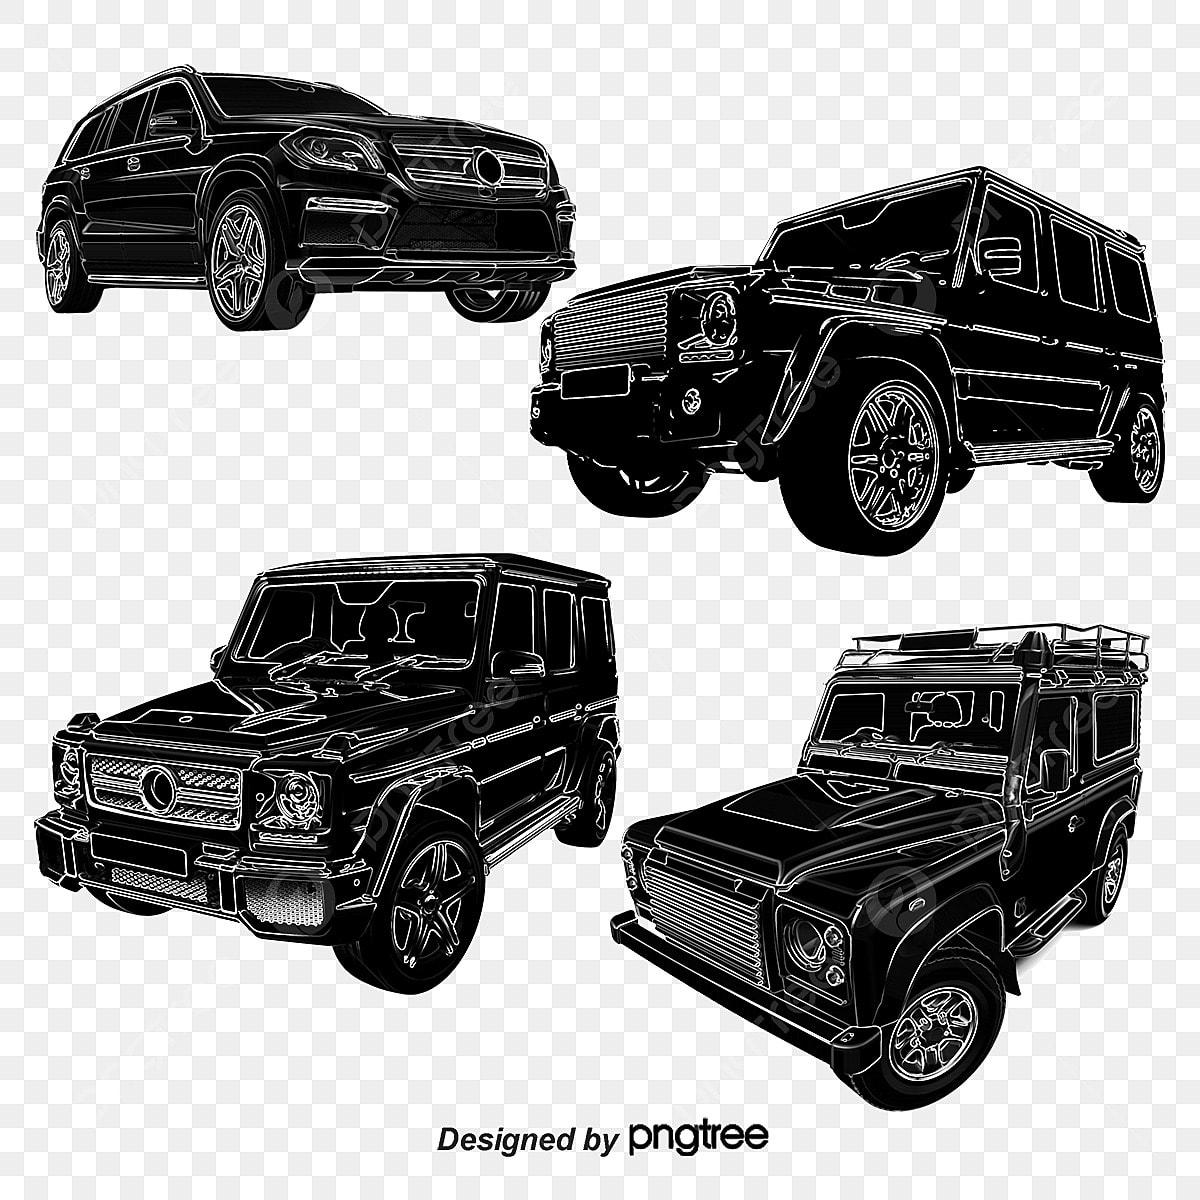 オフロード車広告 オフロード車広告 イラスト ジープ画像素材の無料